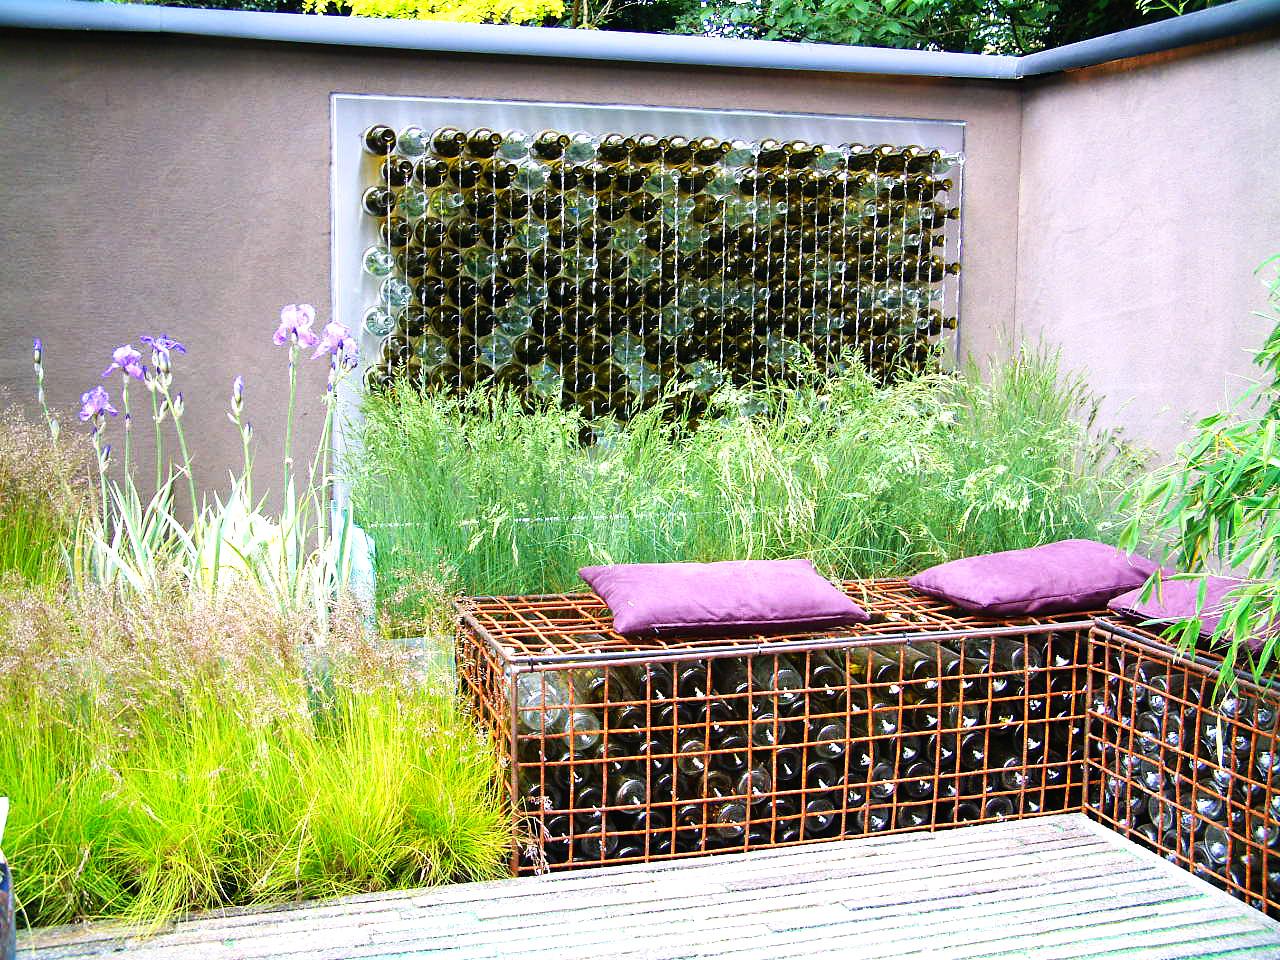 Jardin Sur Une Terrasse 3 - terrace of well-being - feng-shui garden